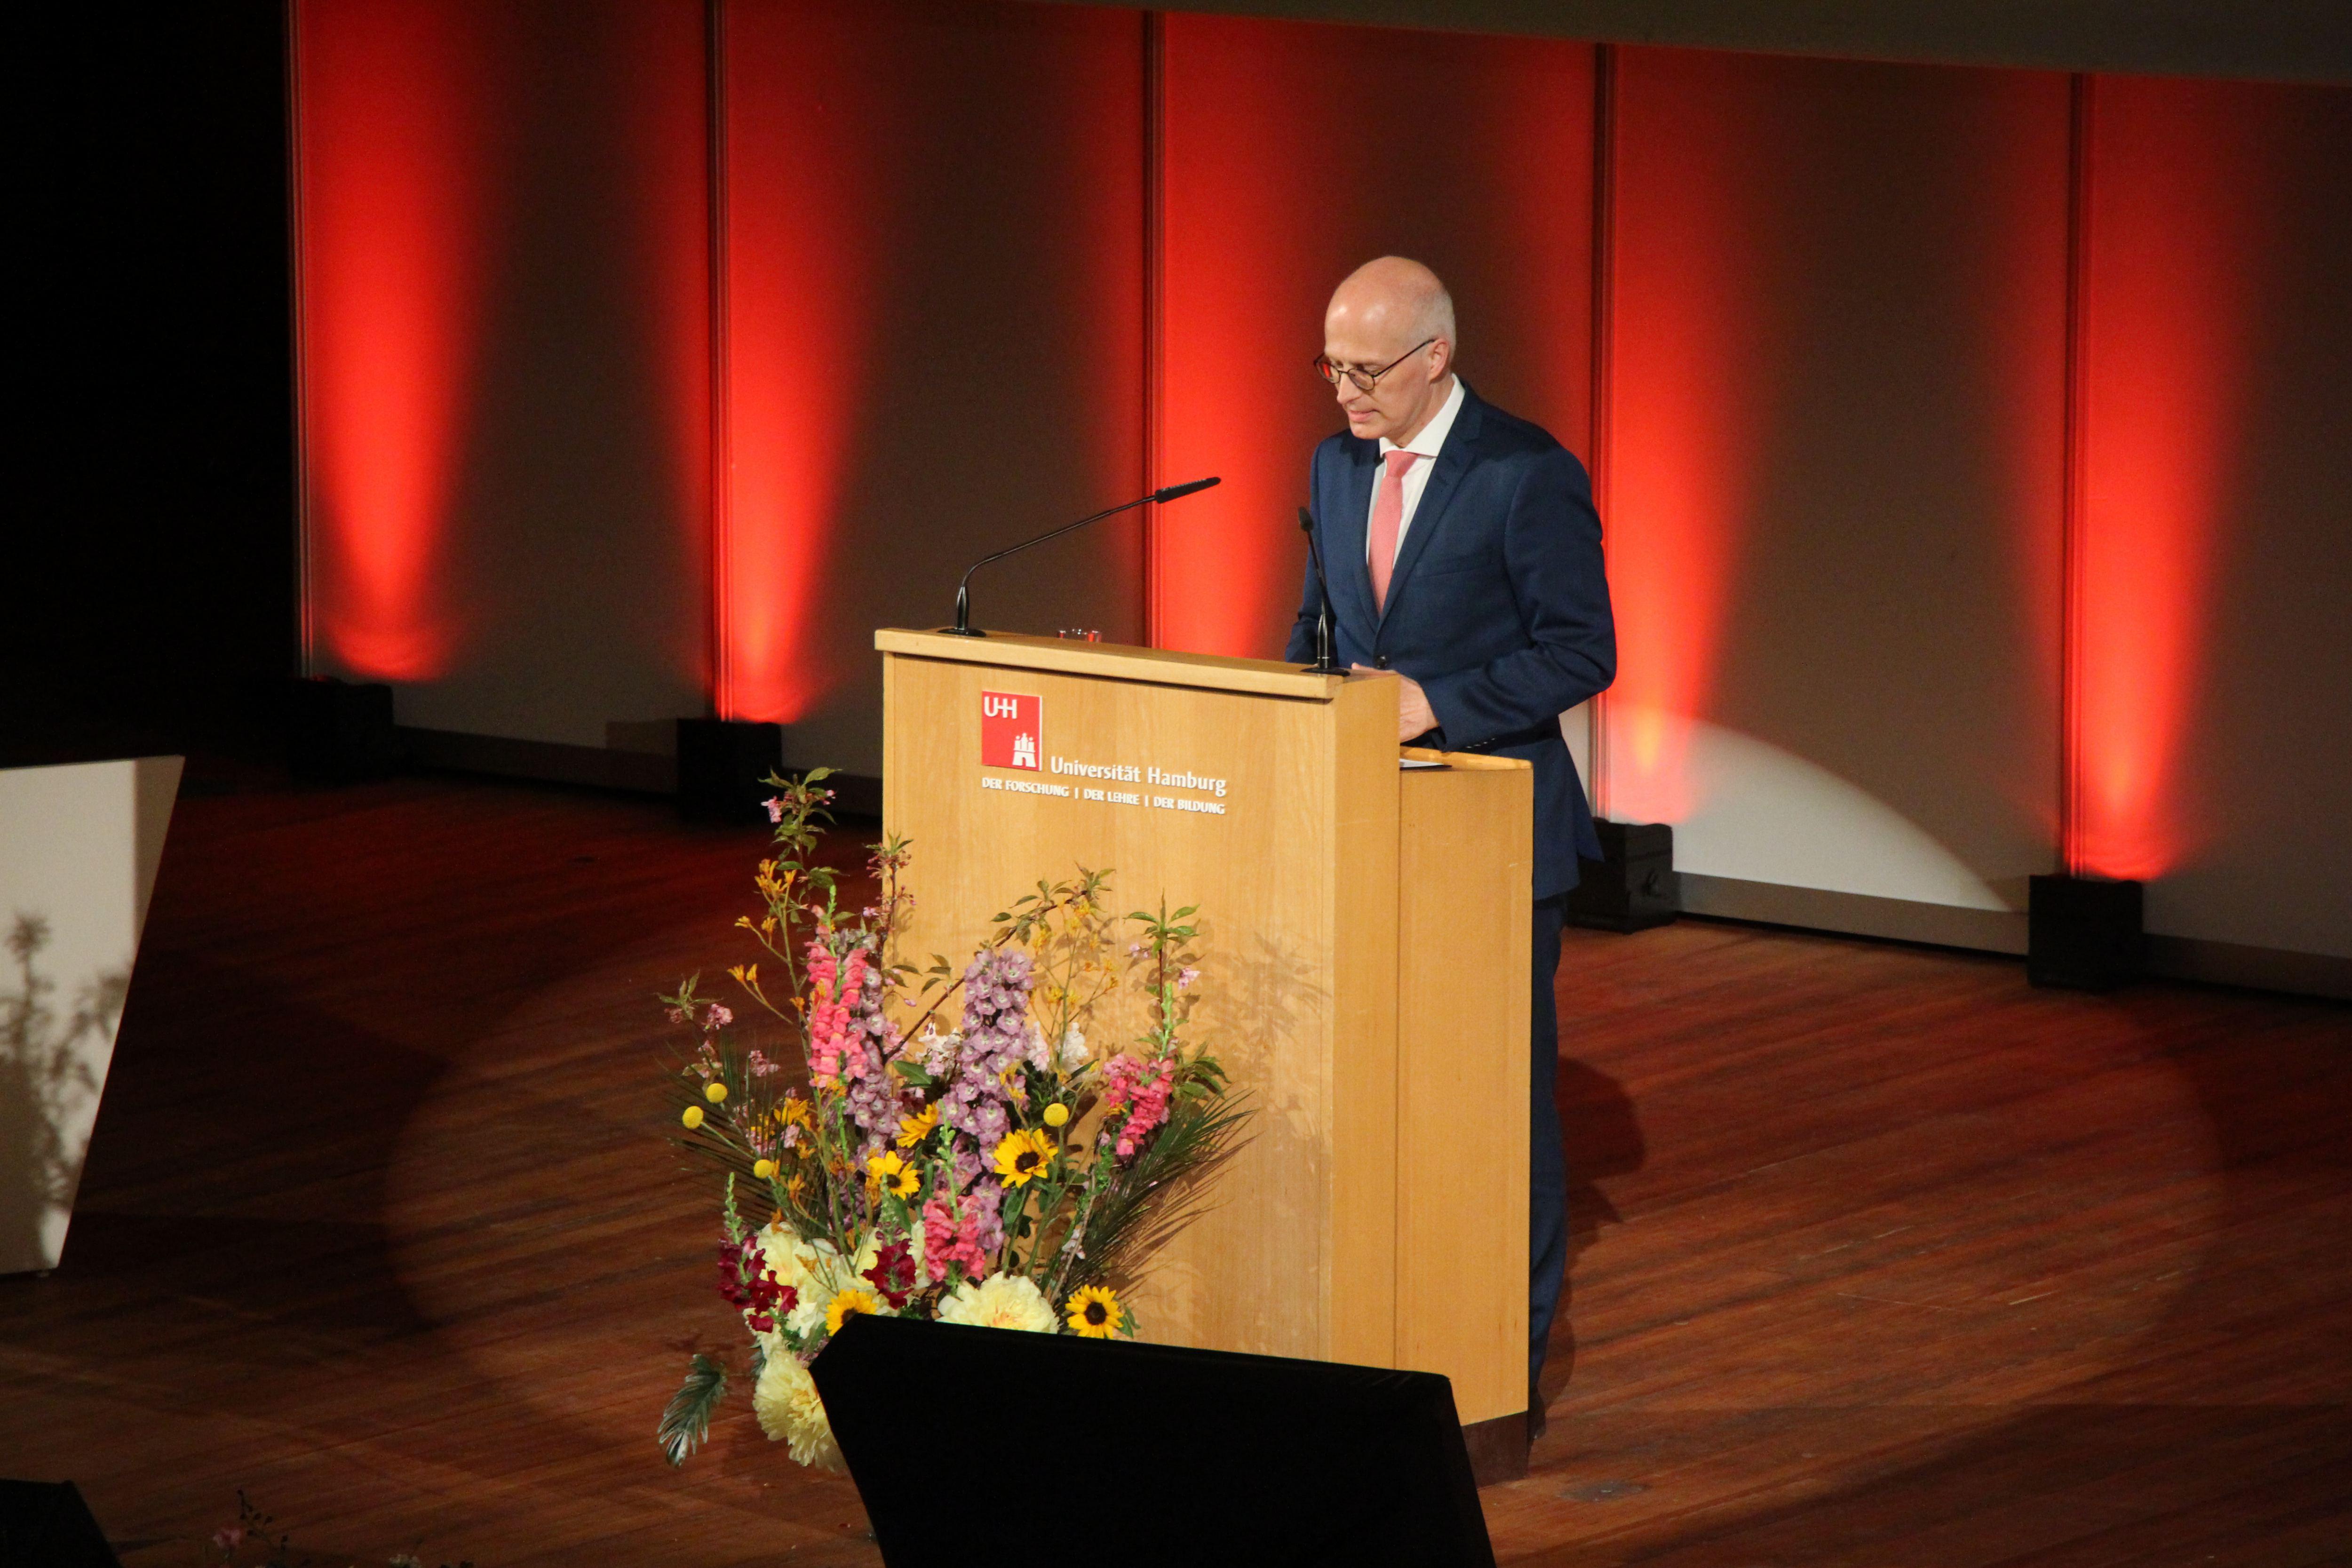 Peter Tschenscher lobte die Universität als die größte Forschungsstätte des Nordens. Foto: Alicia Wischhusen